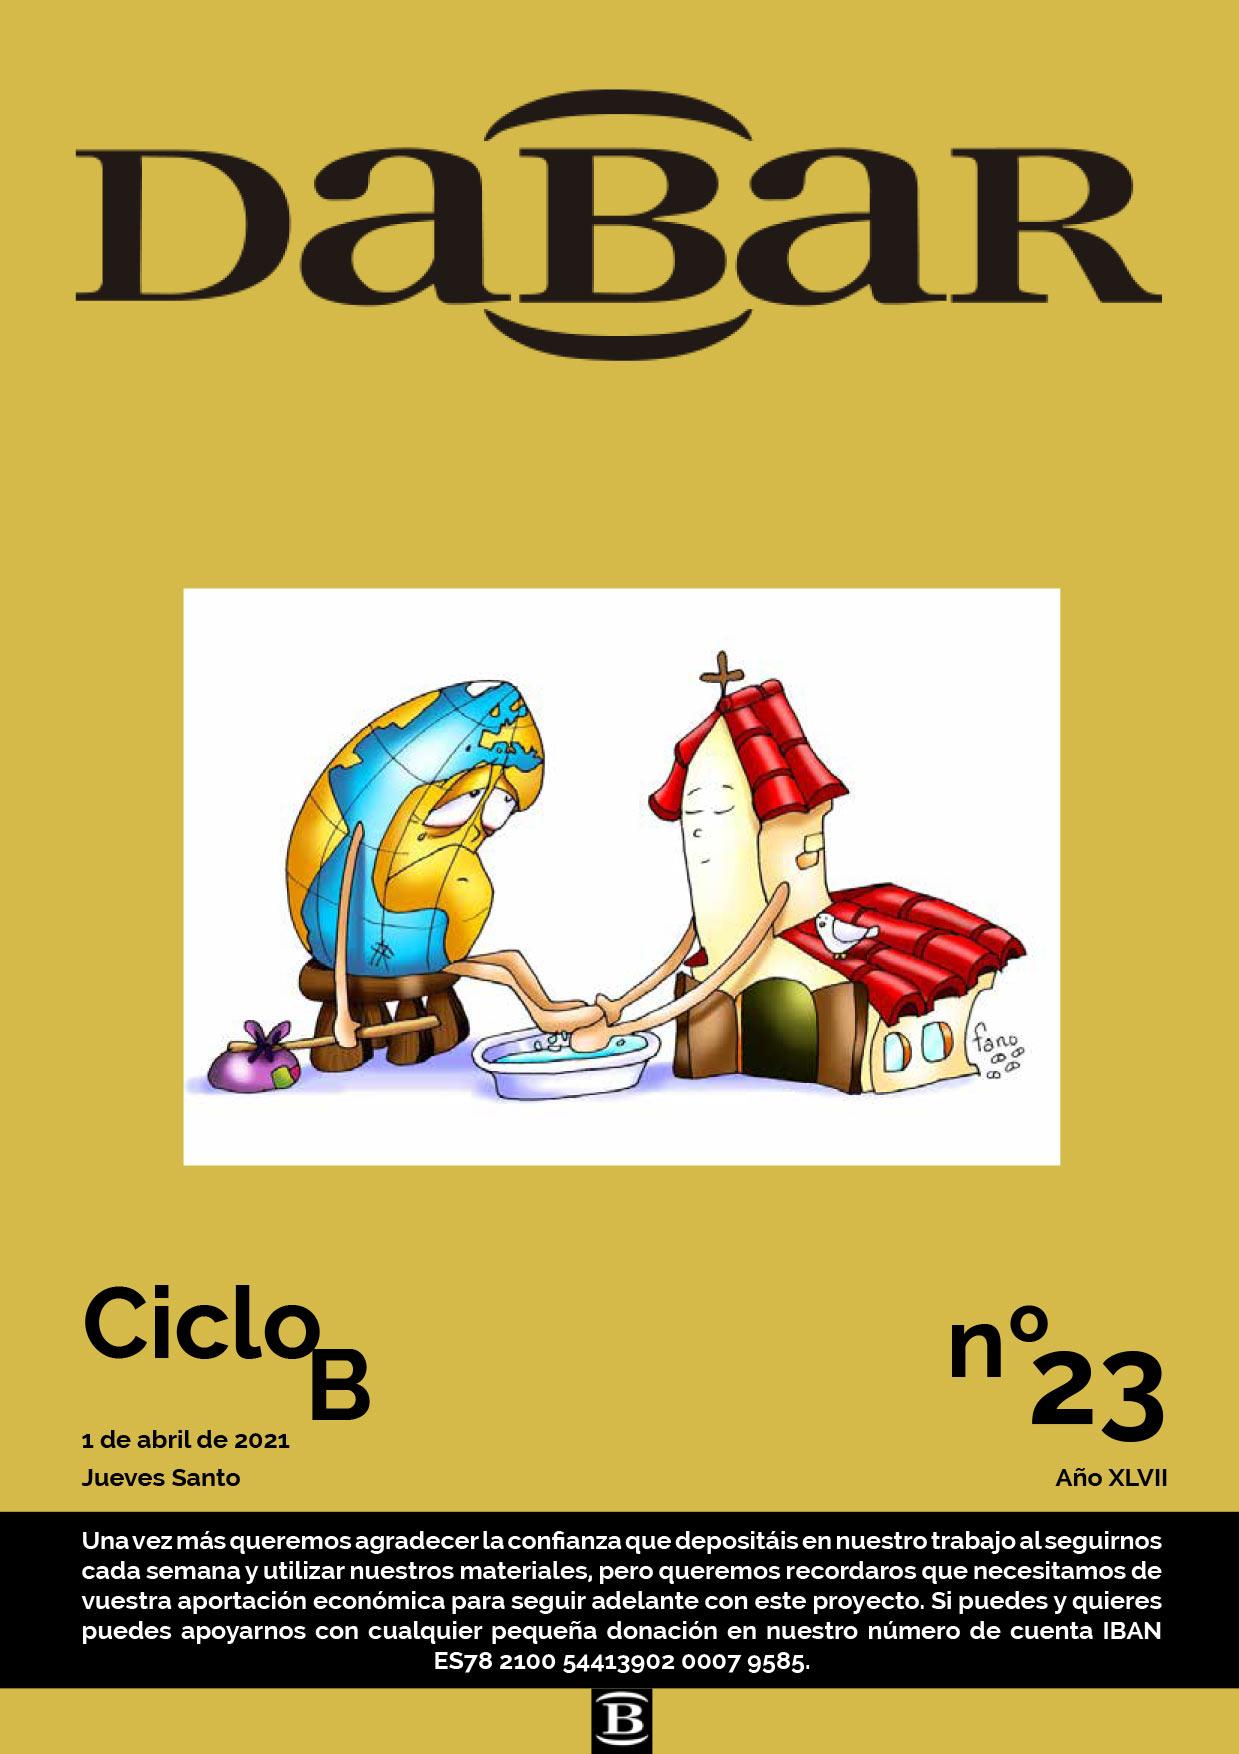 Dabar Revista numero 23 ciclo B